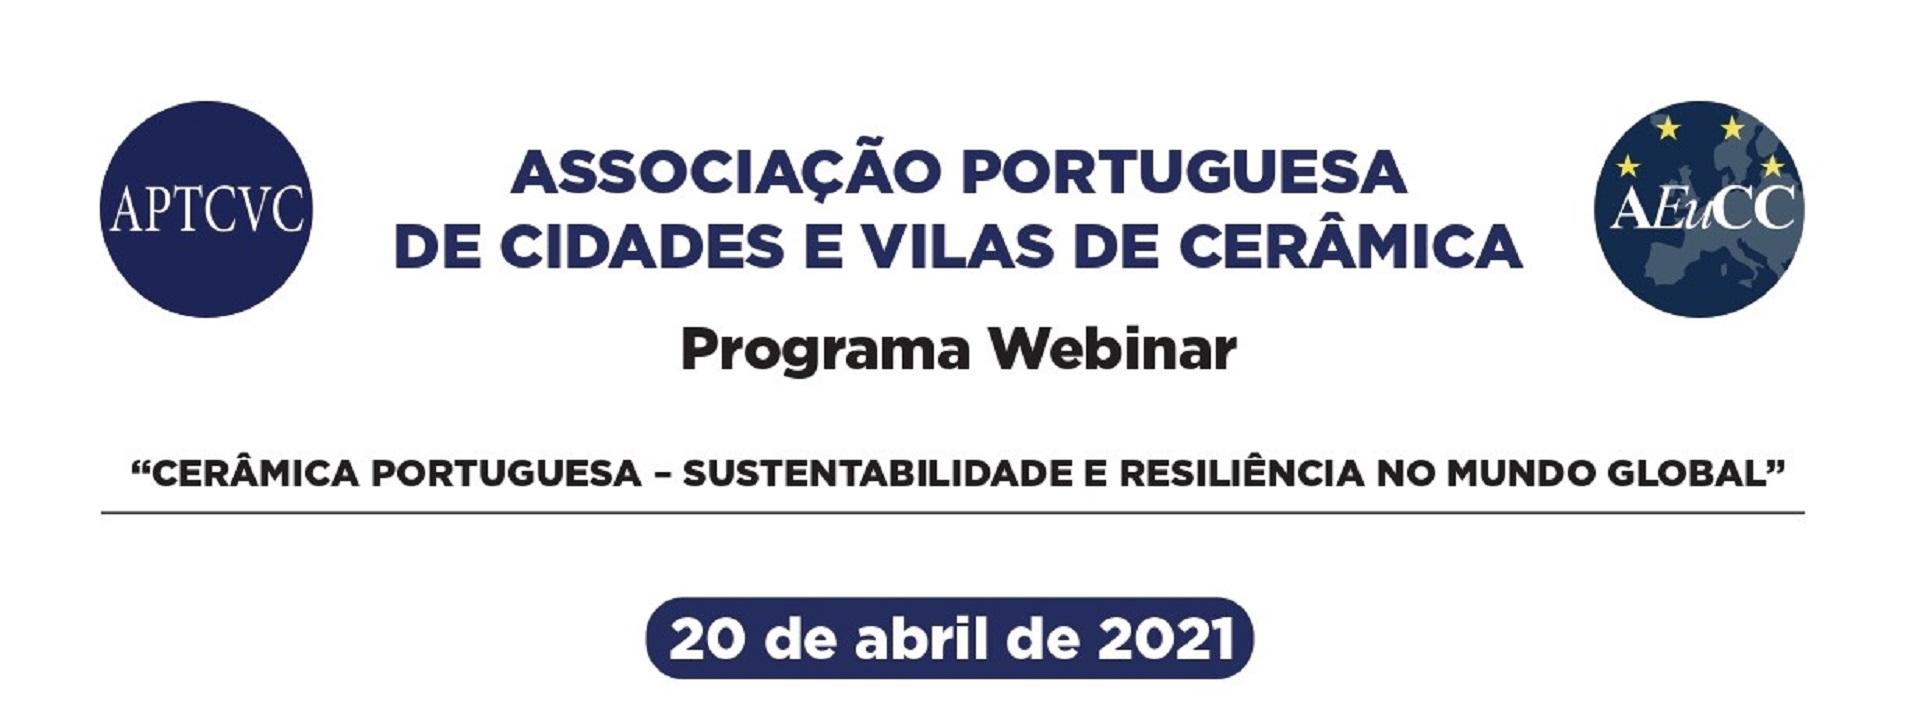 Cidades e Vilas Cerâmicas portuguesas comemoram o 3º aniversário com webinar